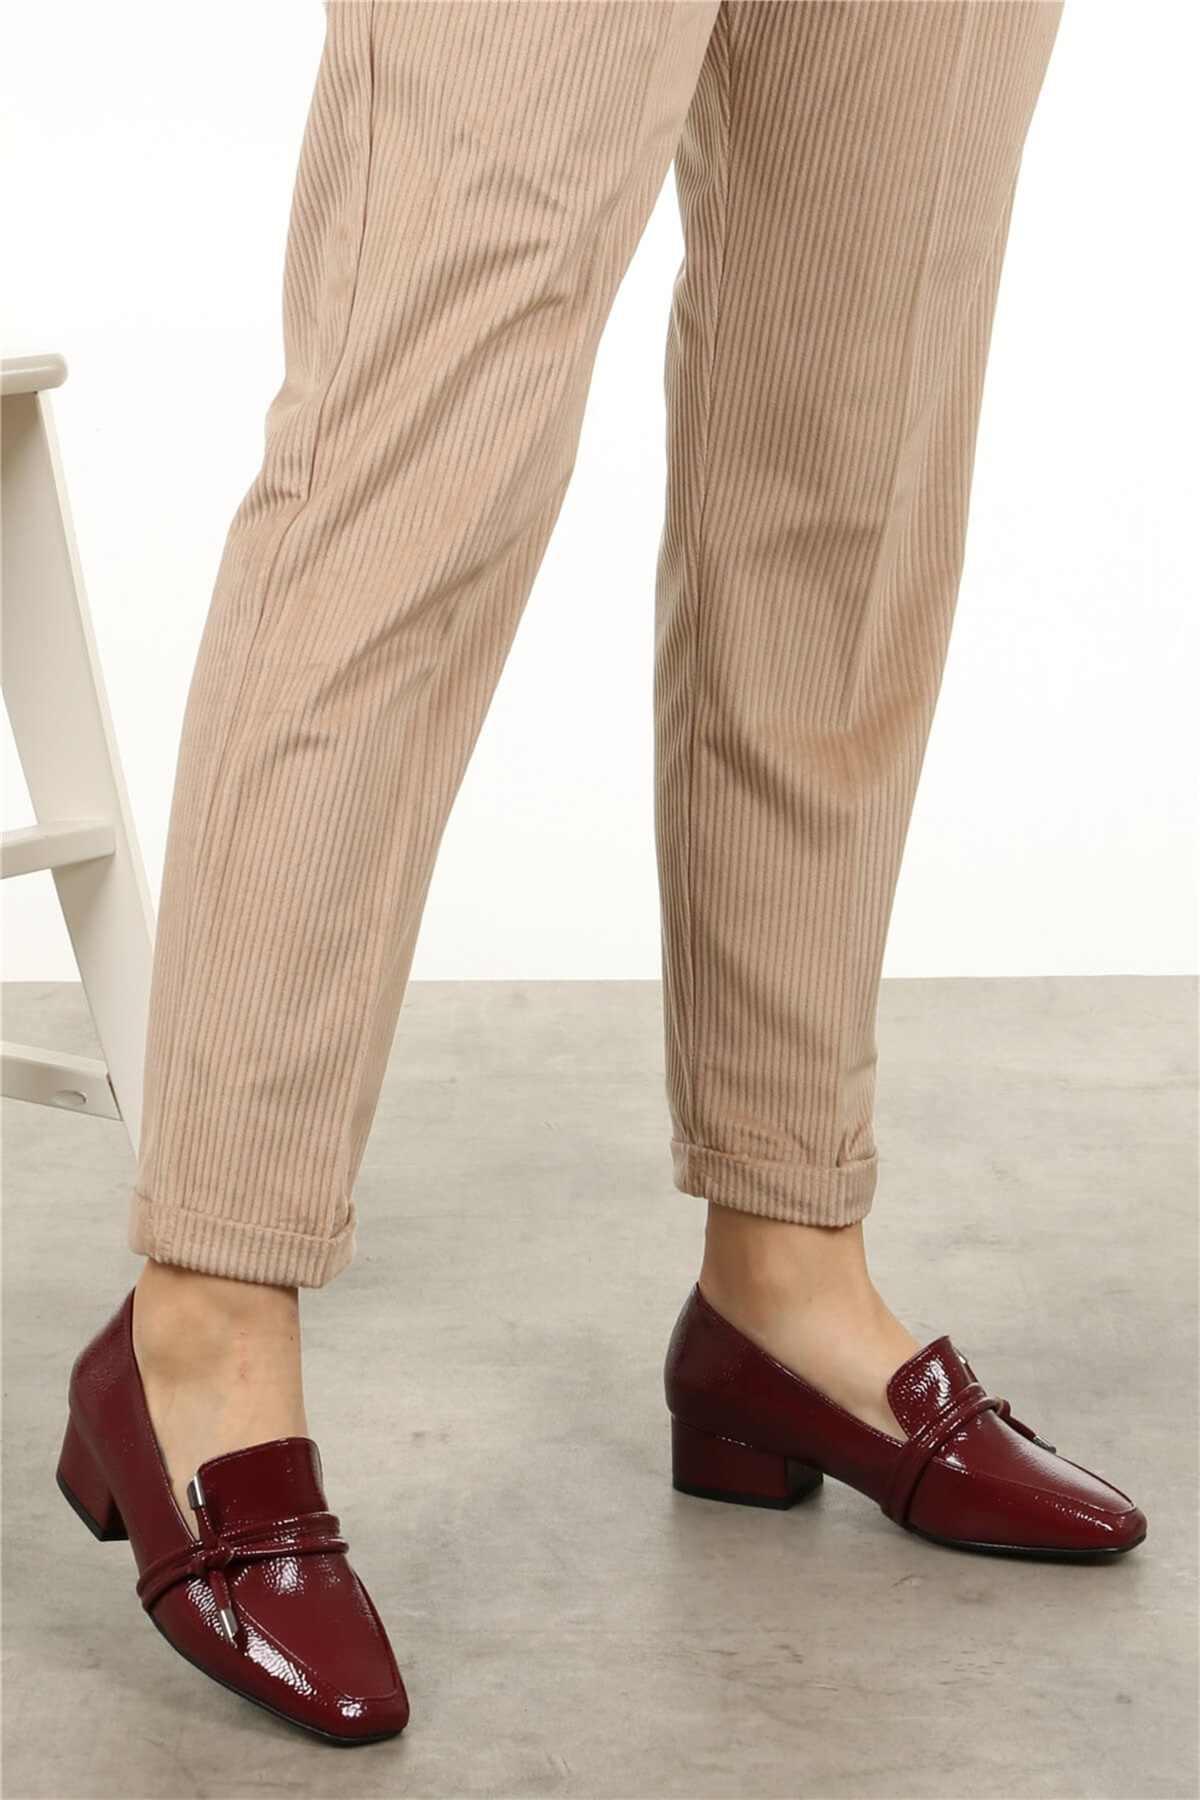 קתרינה Claret אדום, שחור, בז 'מעוור קצר העקב נשים נעלי עור בטלן נעלי 2020 חדש אופנה משרד למעלה מקרית